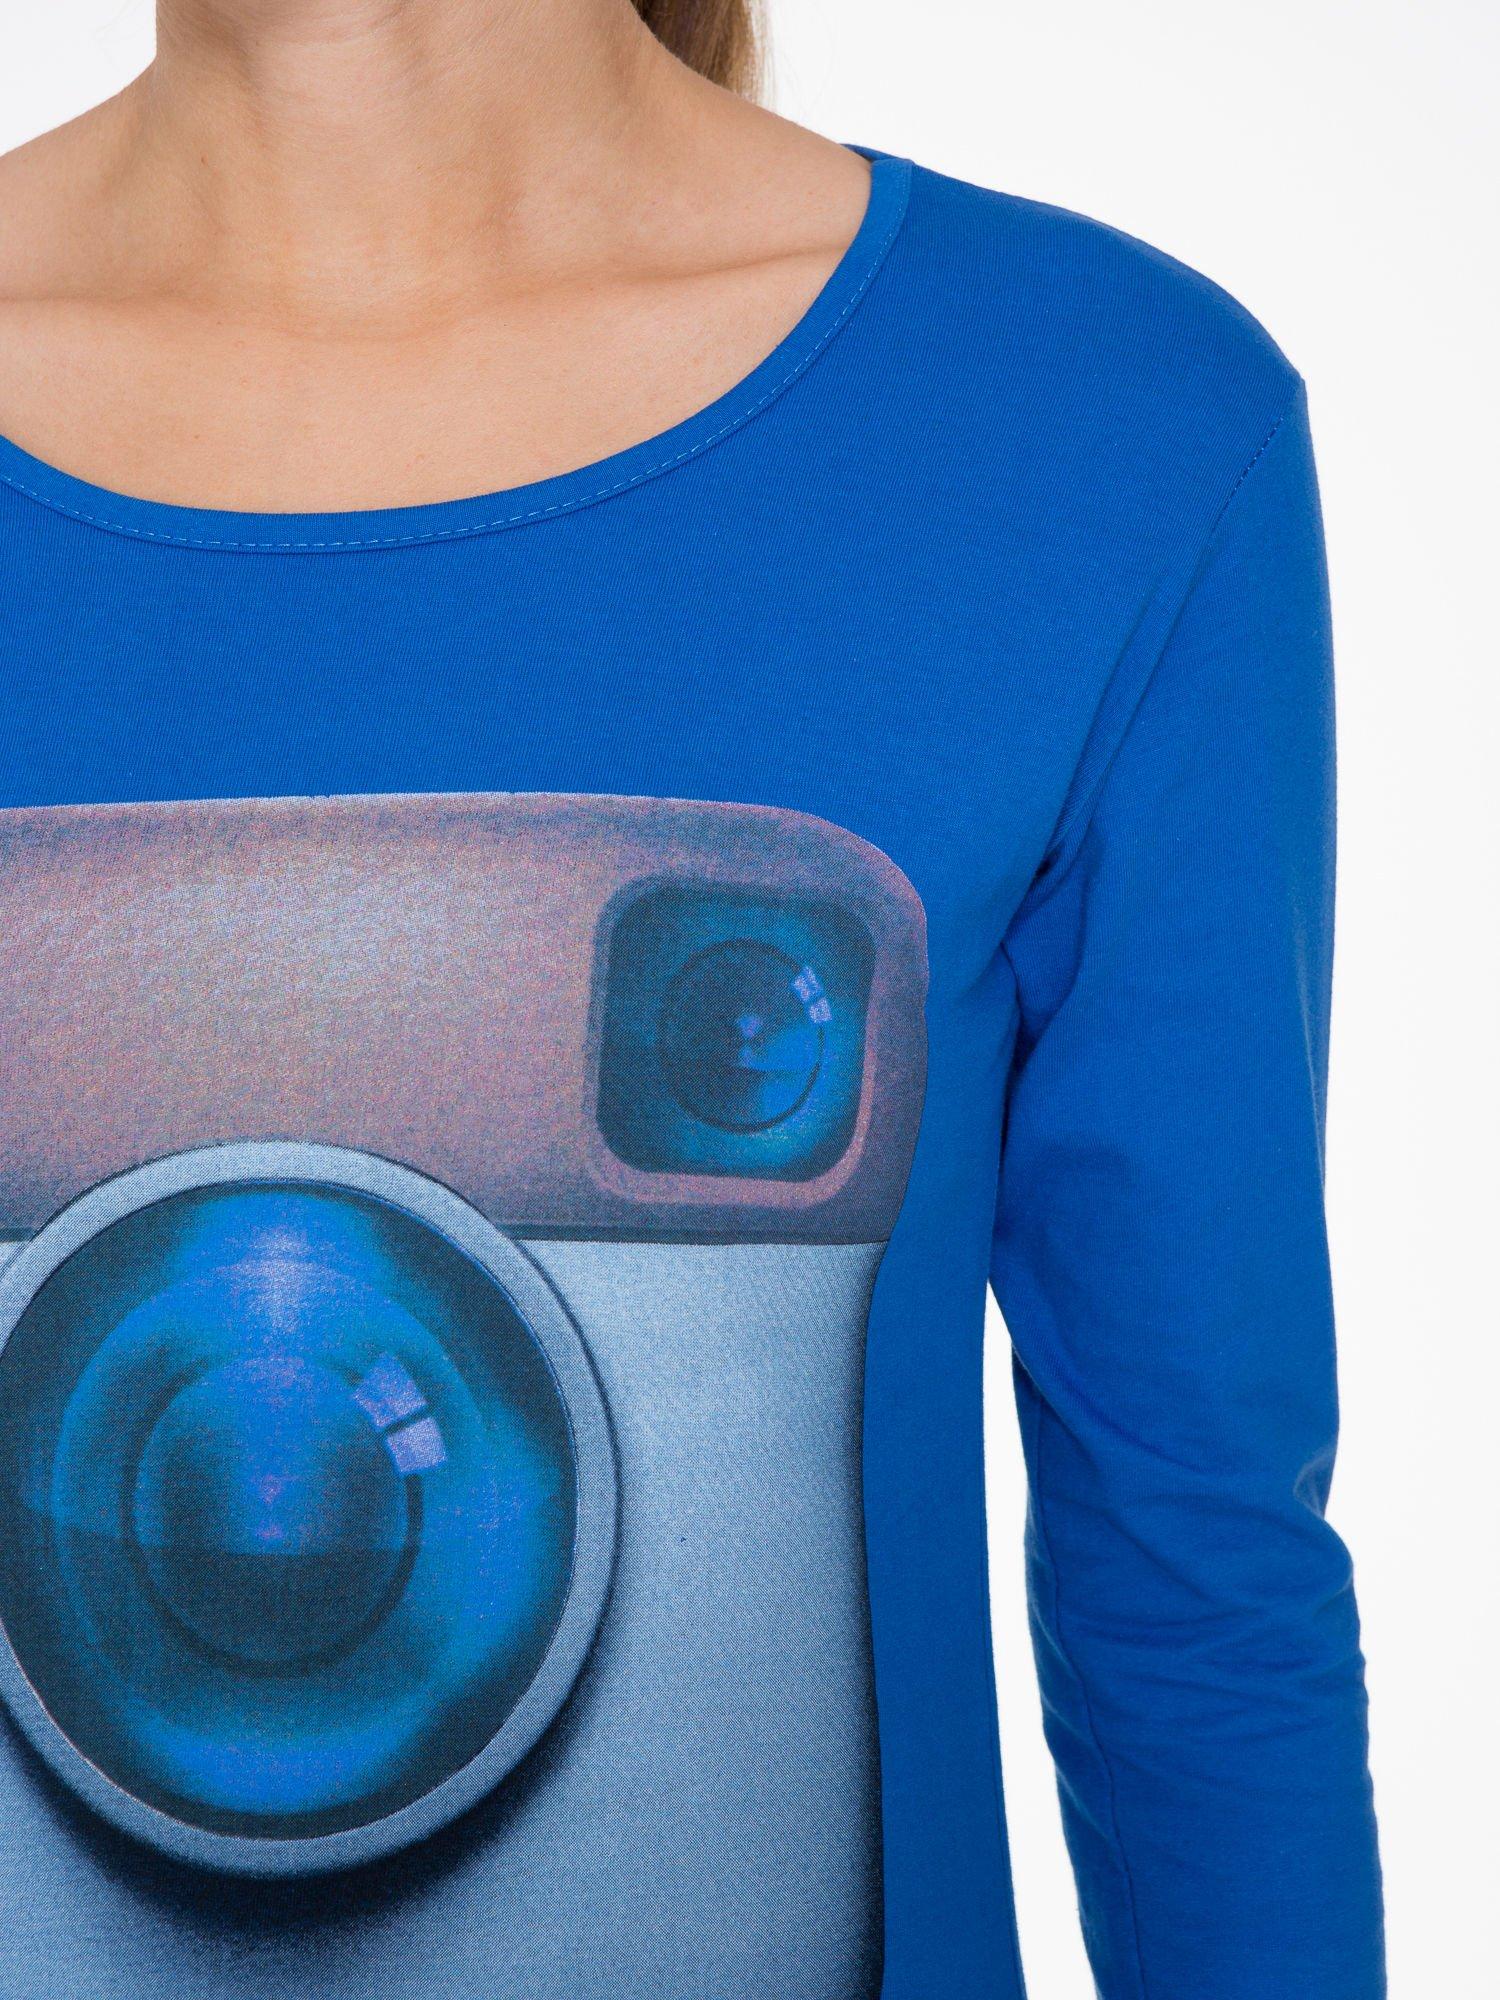 Niebieska bluzka z nadrukiem loga Instagrama                                  zdj.                                  5